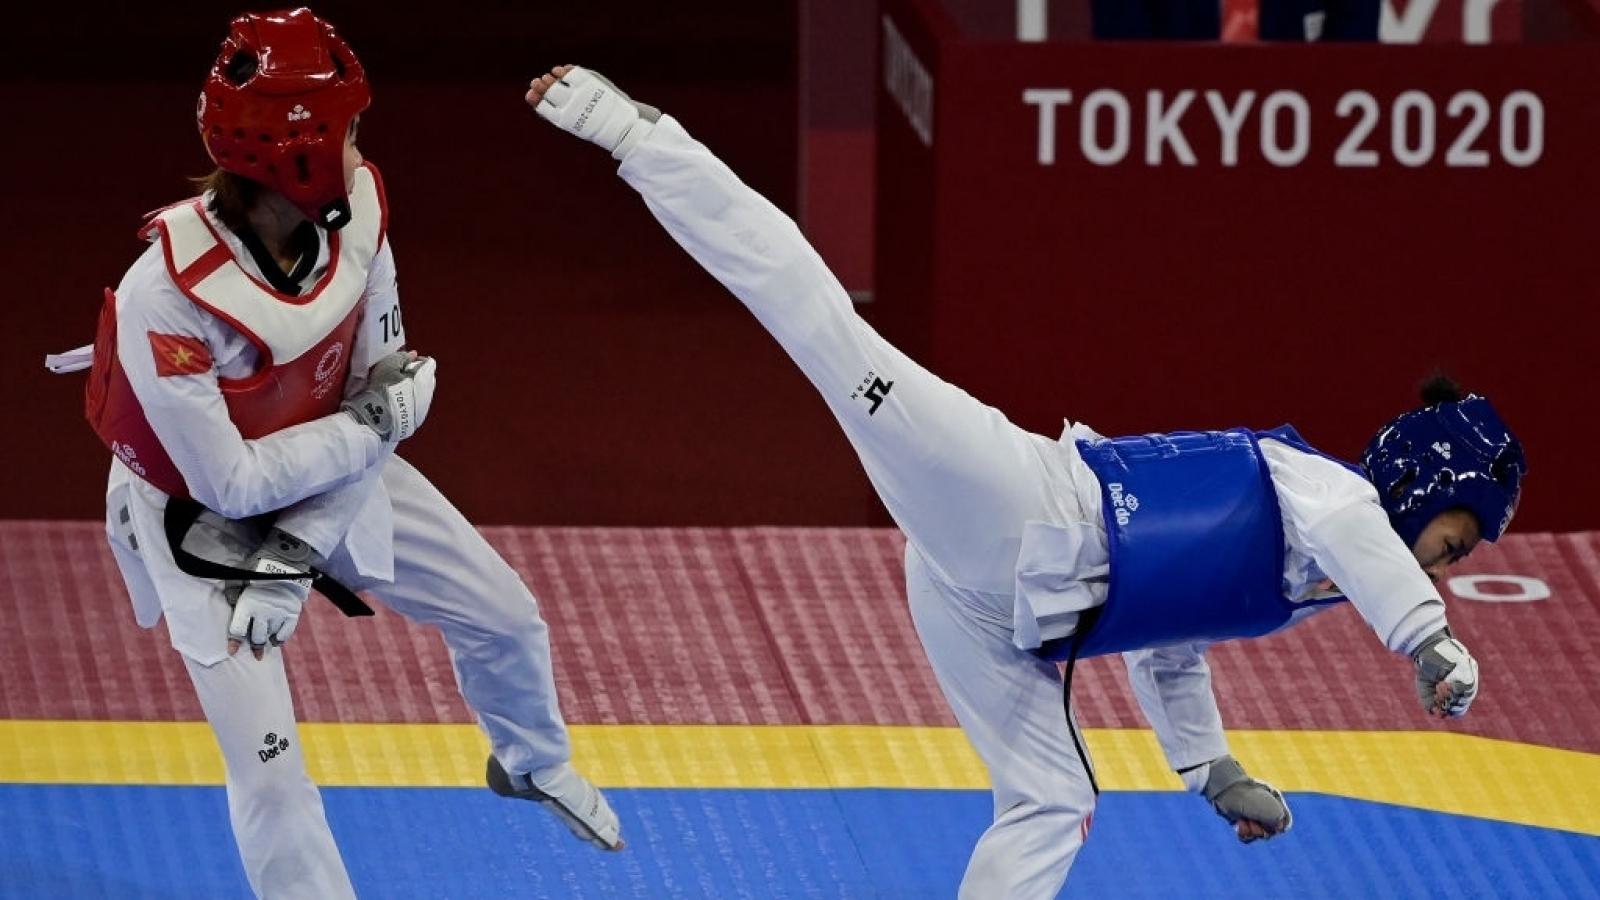 Trực tiếp thể thao Việt Nam ở Olympic Tokyo ngày 24/7: Kim Tuyền vào tứ kết môn Taekwondo